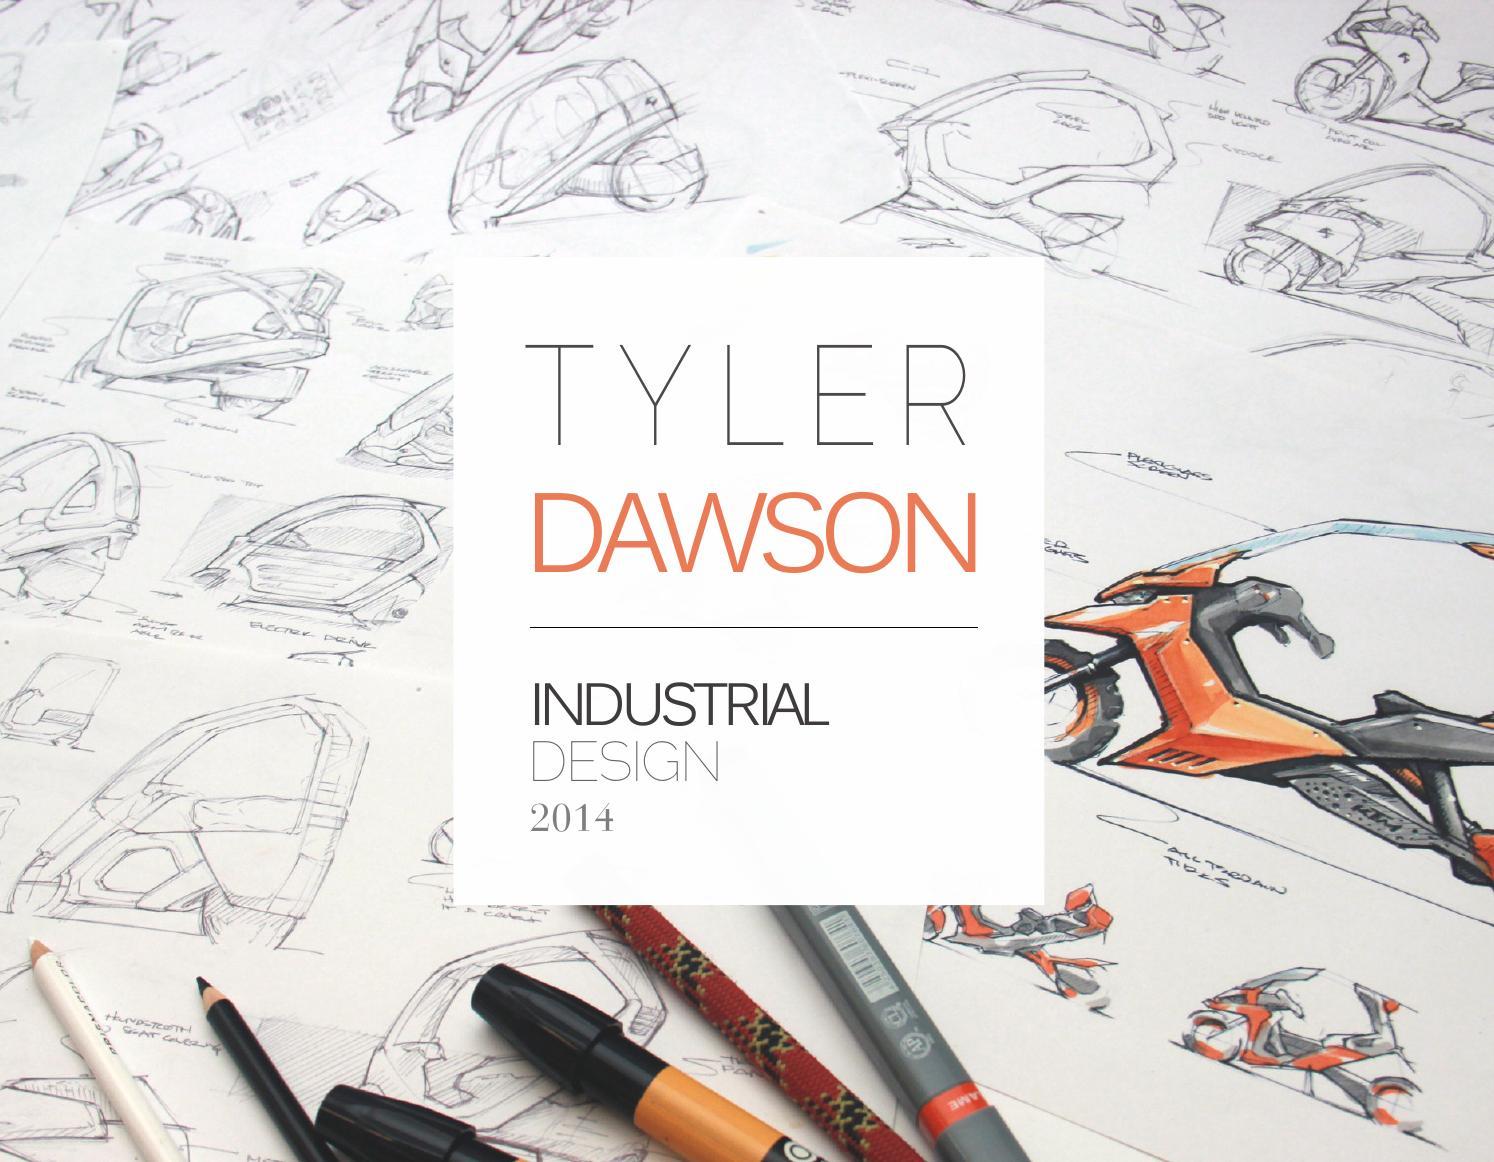 Très Tyler Dawson - Industrial Design Portfolio 2014 by Tyler Dawson  NC76